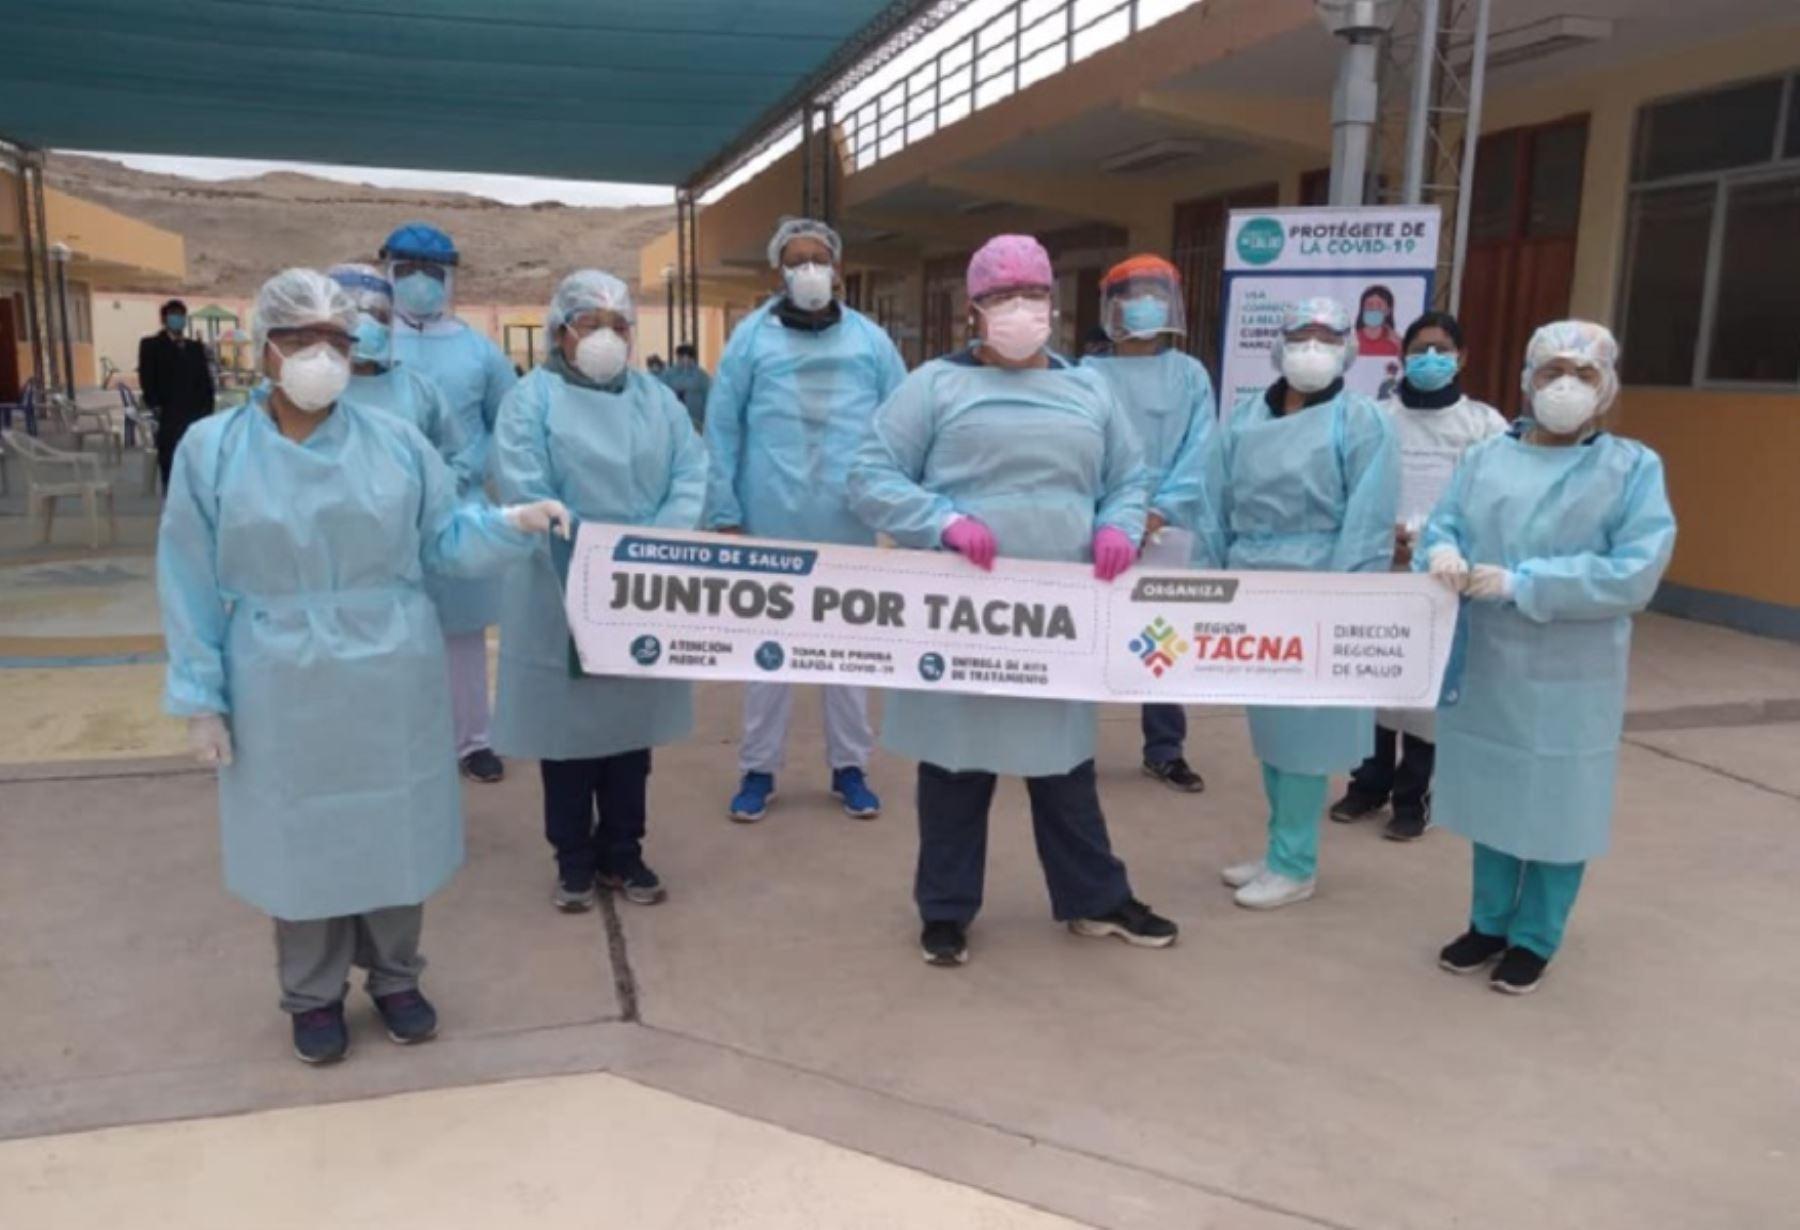 A 26,492 aumentó el número de pacientes dados de alta médica y/o epidemiológica en la región Tacna, de los cuales 86 superaron la enfermedad producida por el covid-19 en las últimas 24 horas, informó la Dirección Regional de Salud (Diresa). ANDINA/Difusión